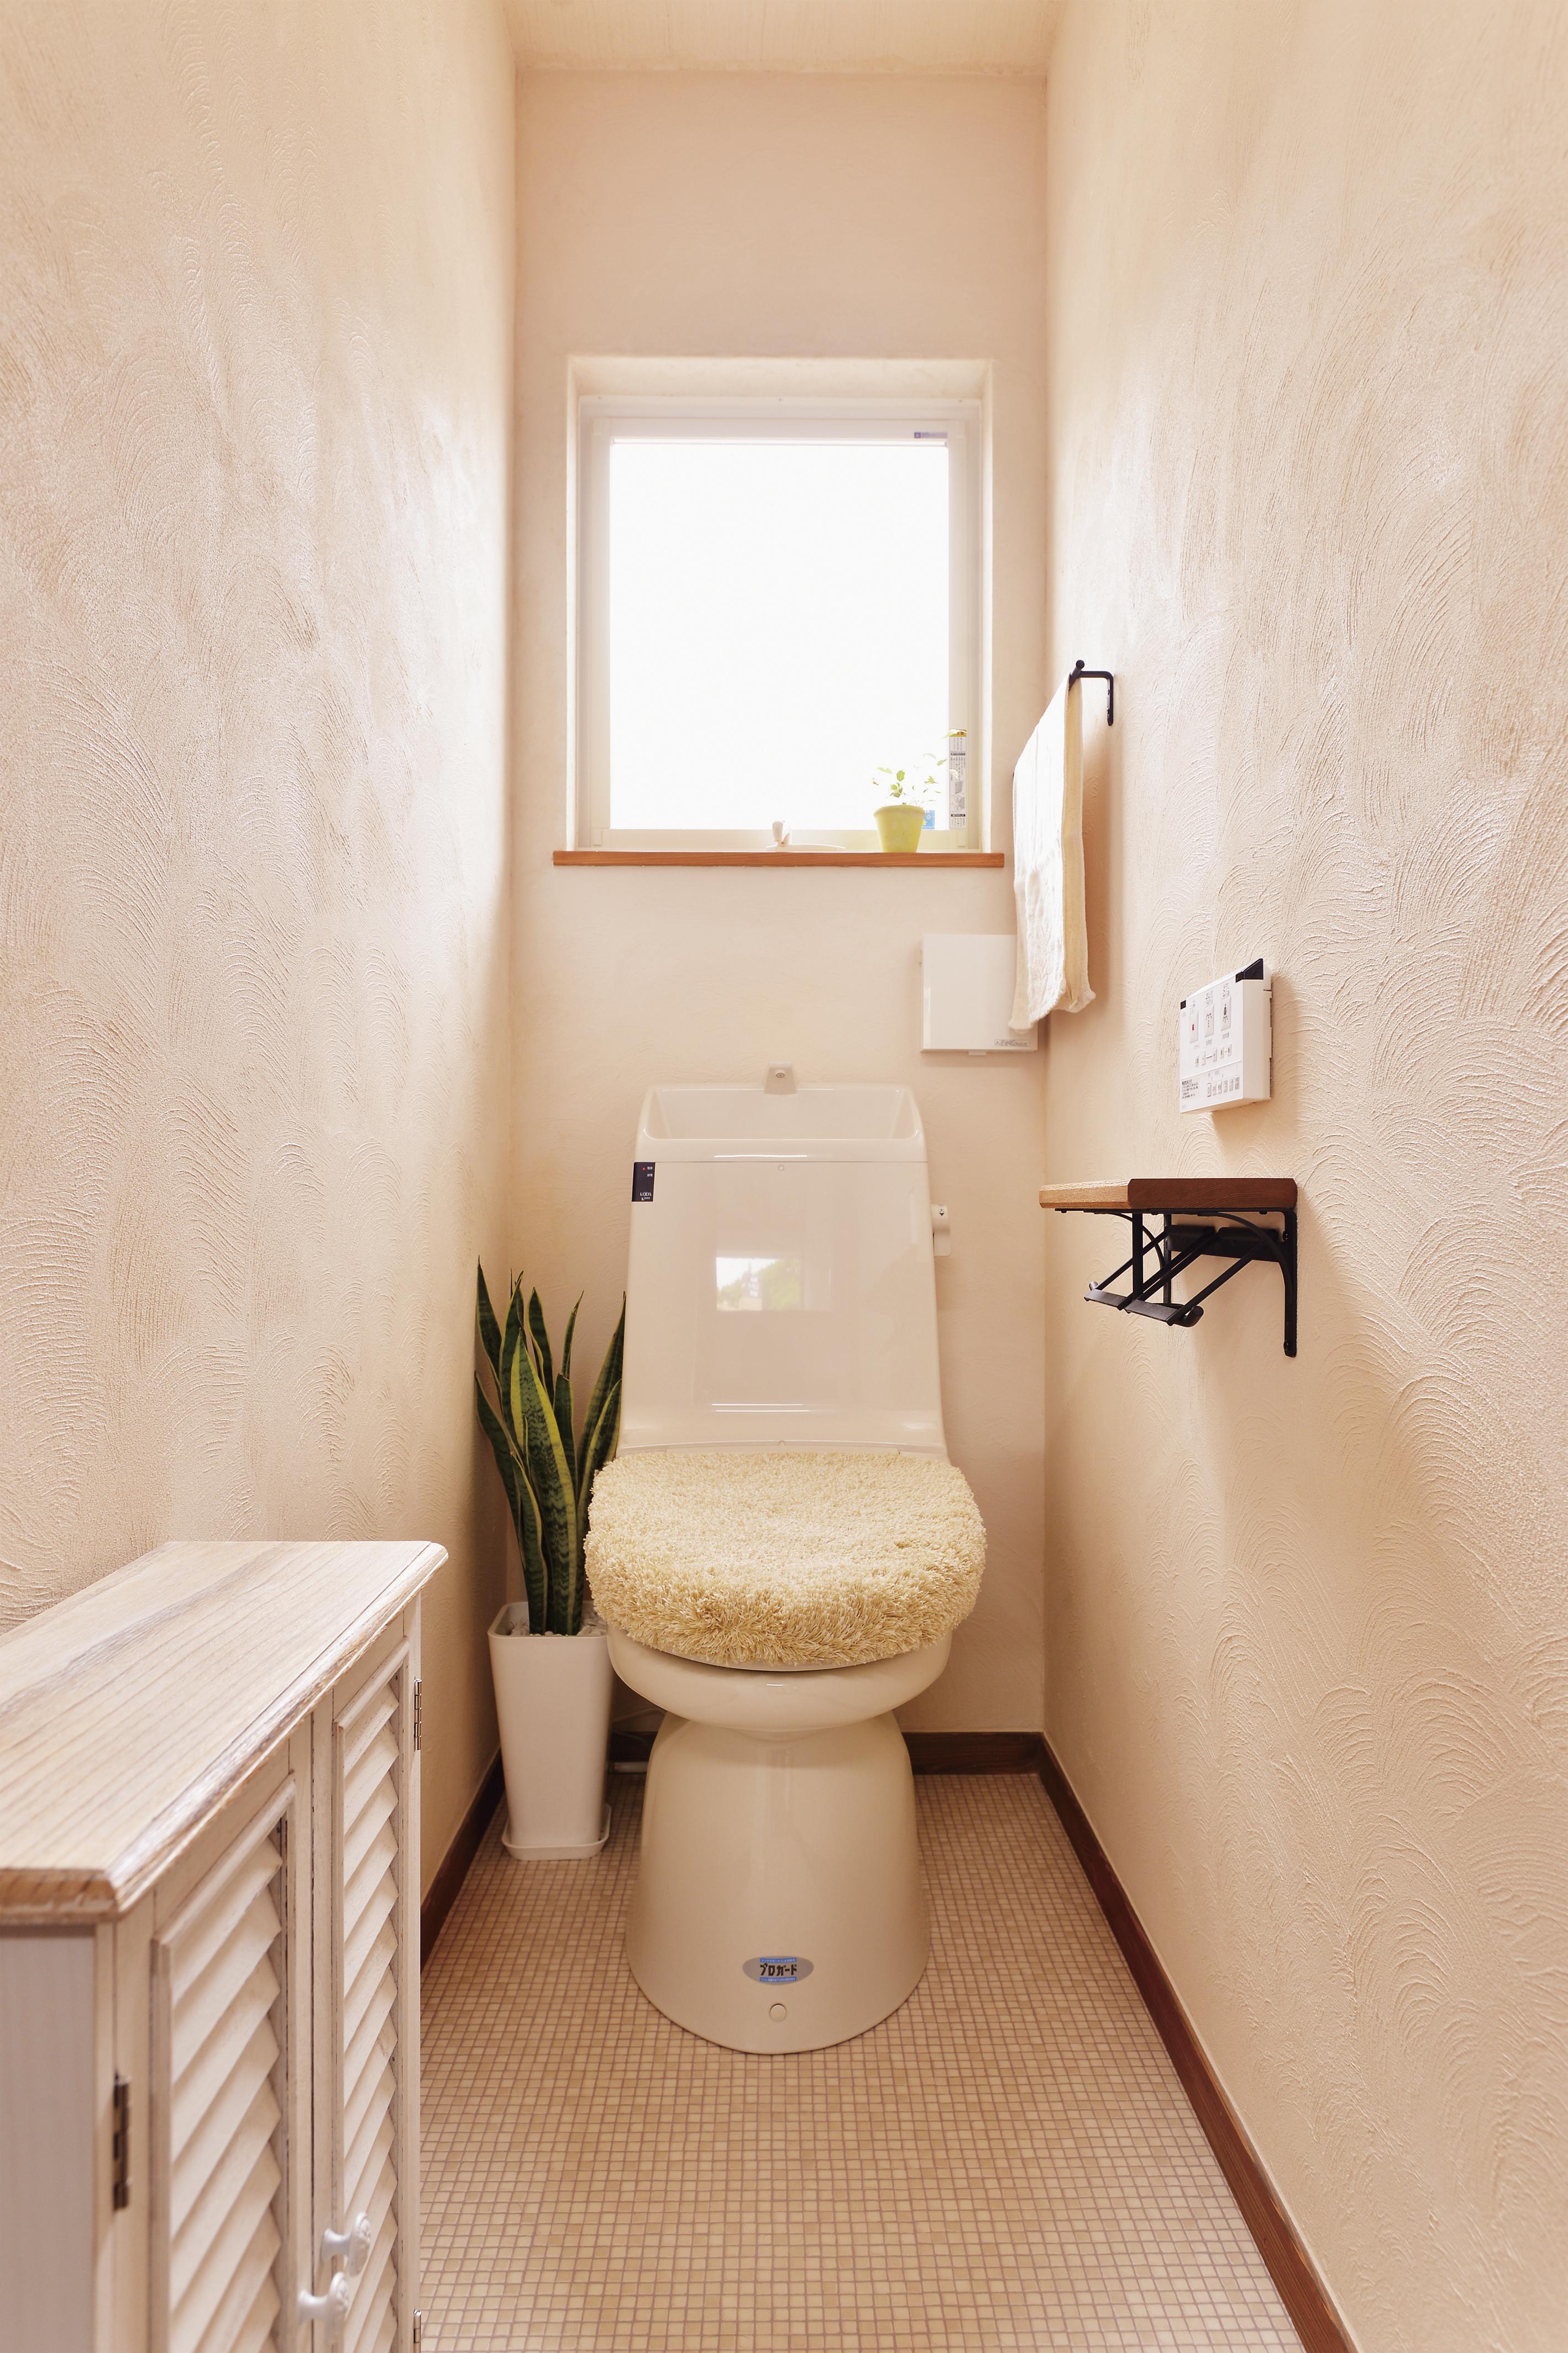 トイレは普通に標準仕様で